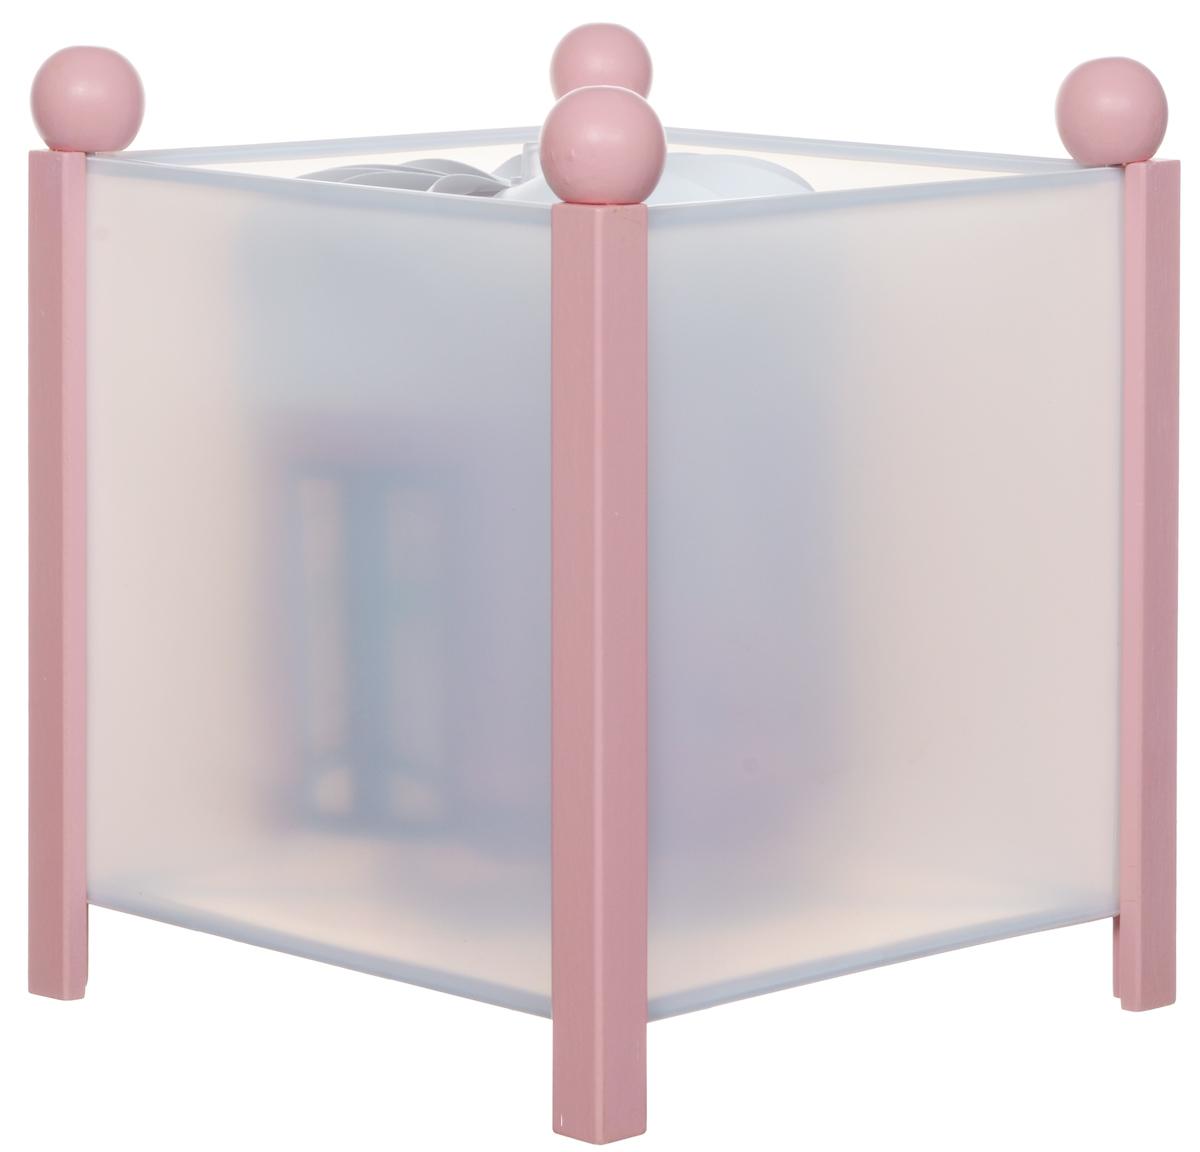 Trousselier Светильник-ночник с проектором Littlest Pet Shop4316P 12VСветильник-ночник с проектором Trousselier Littlest Pet Shop - идеальный аксессуар для детской комнаты. Нежный свет и красочные картинки с любимыми героями медиафраншизы Littlest Pet Shop создадут атмосферу уюта, успокоят и убаюкают кроху. Вы можете подобрать картинку, а также музыкальную подставку с подзаводом (опция). Ночник с двойной функцией - вращающаяся картинка внутри, либо как проектор на стену. Цилиндр ночника вращается благодаря системе нагрева от лампочки 12V-10W, цоколь E 14. Тип розетки: C. Соответствует нормам безопасности: CE EN 60598-2-10. Материал: металл, дерево, жароустойчивый пластик. В комплект входит светильник, сетевой адаптер.